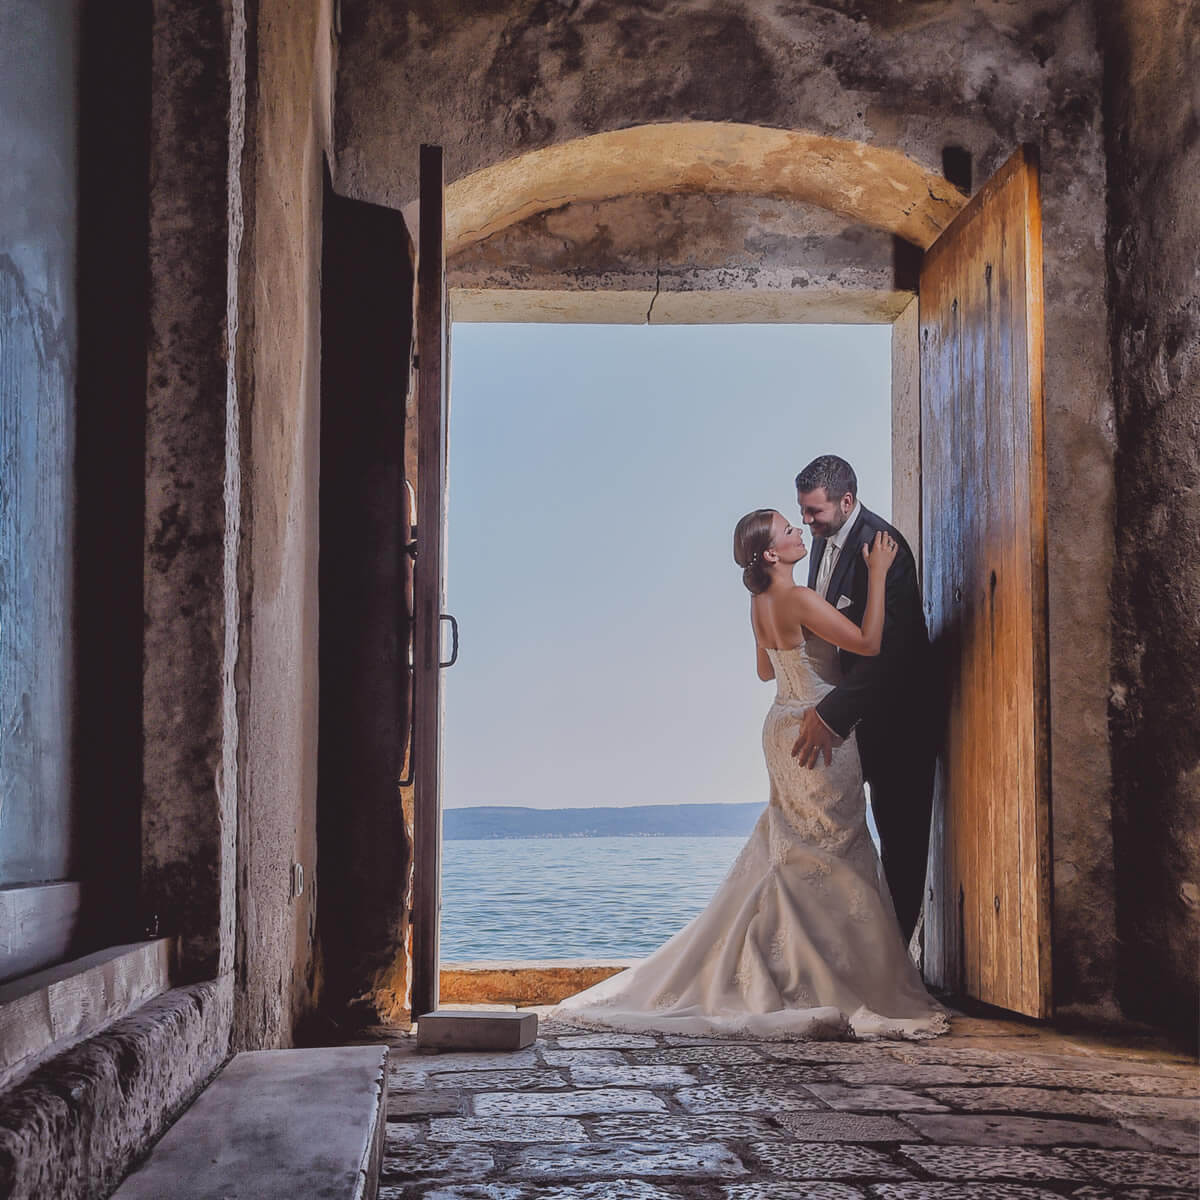 Vjenčanje u Hrvatskoj